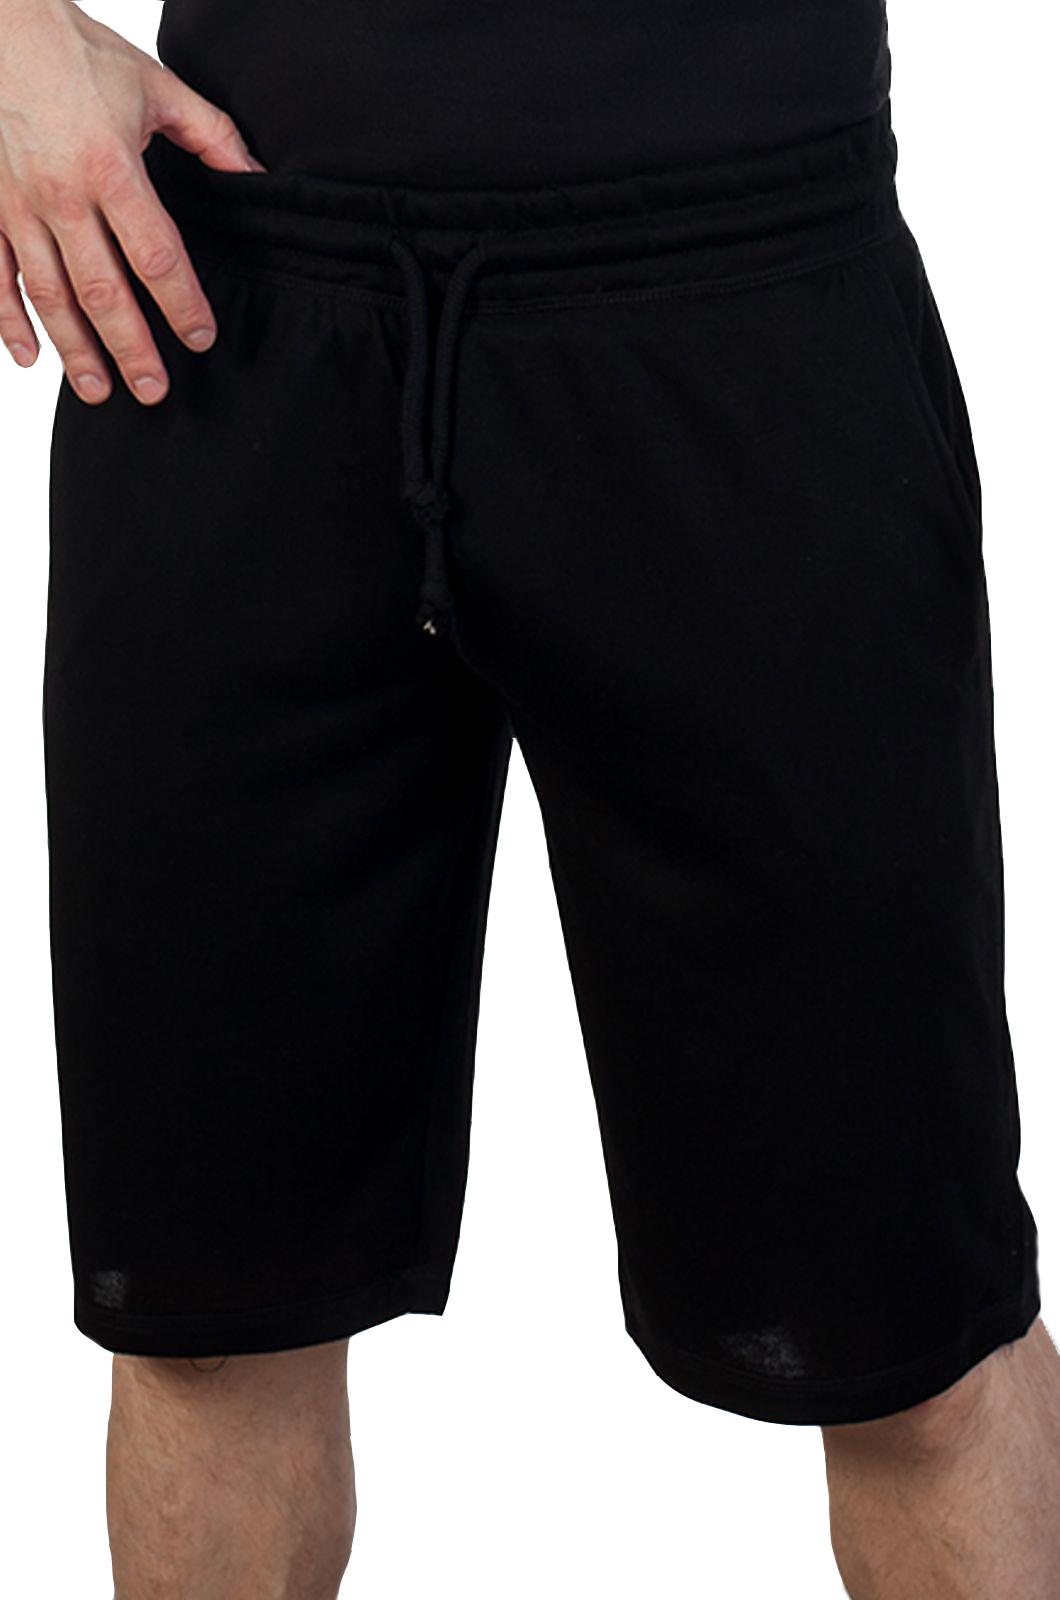 Мужские черные шорты от French Onion